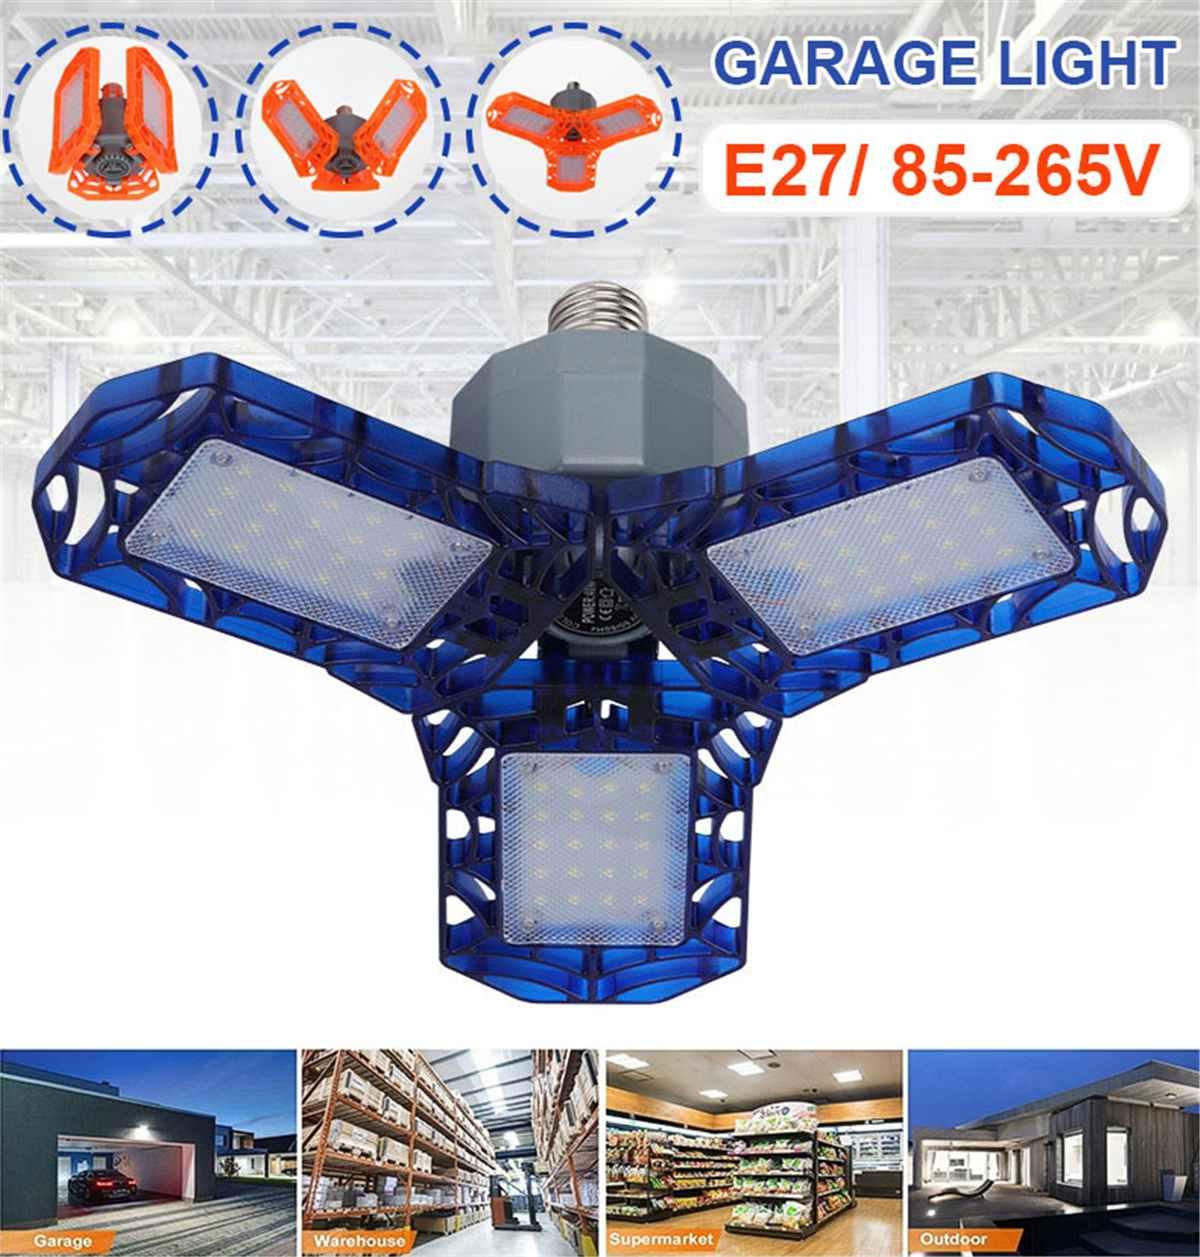 LED Garage Light 360 Degrees Deformable Ceiling Light For Home Warehouse Workshop AC85-265V Folding Three-Leaf Deformation Lamp